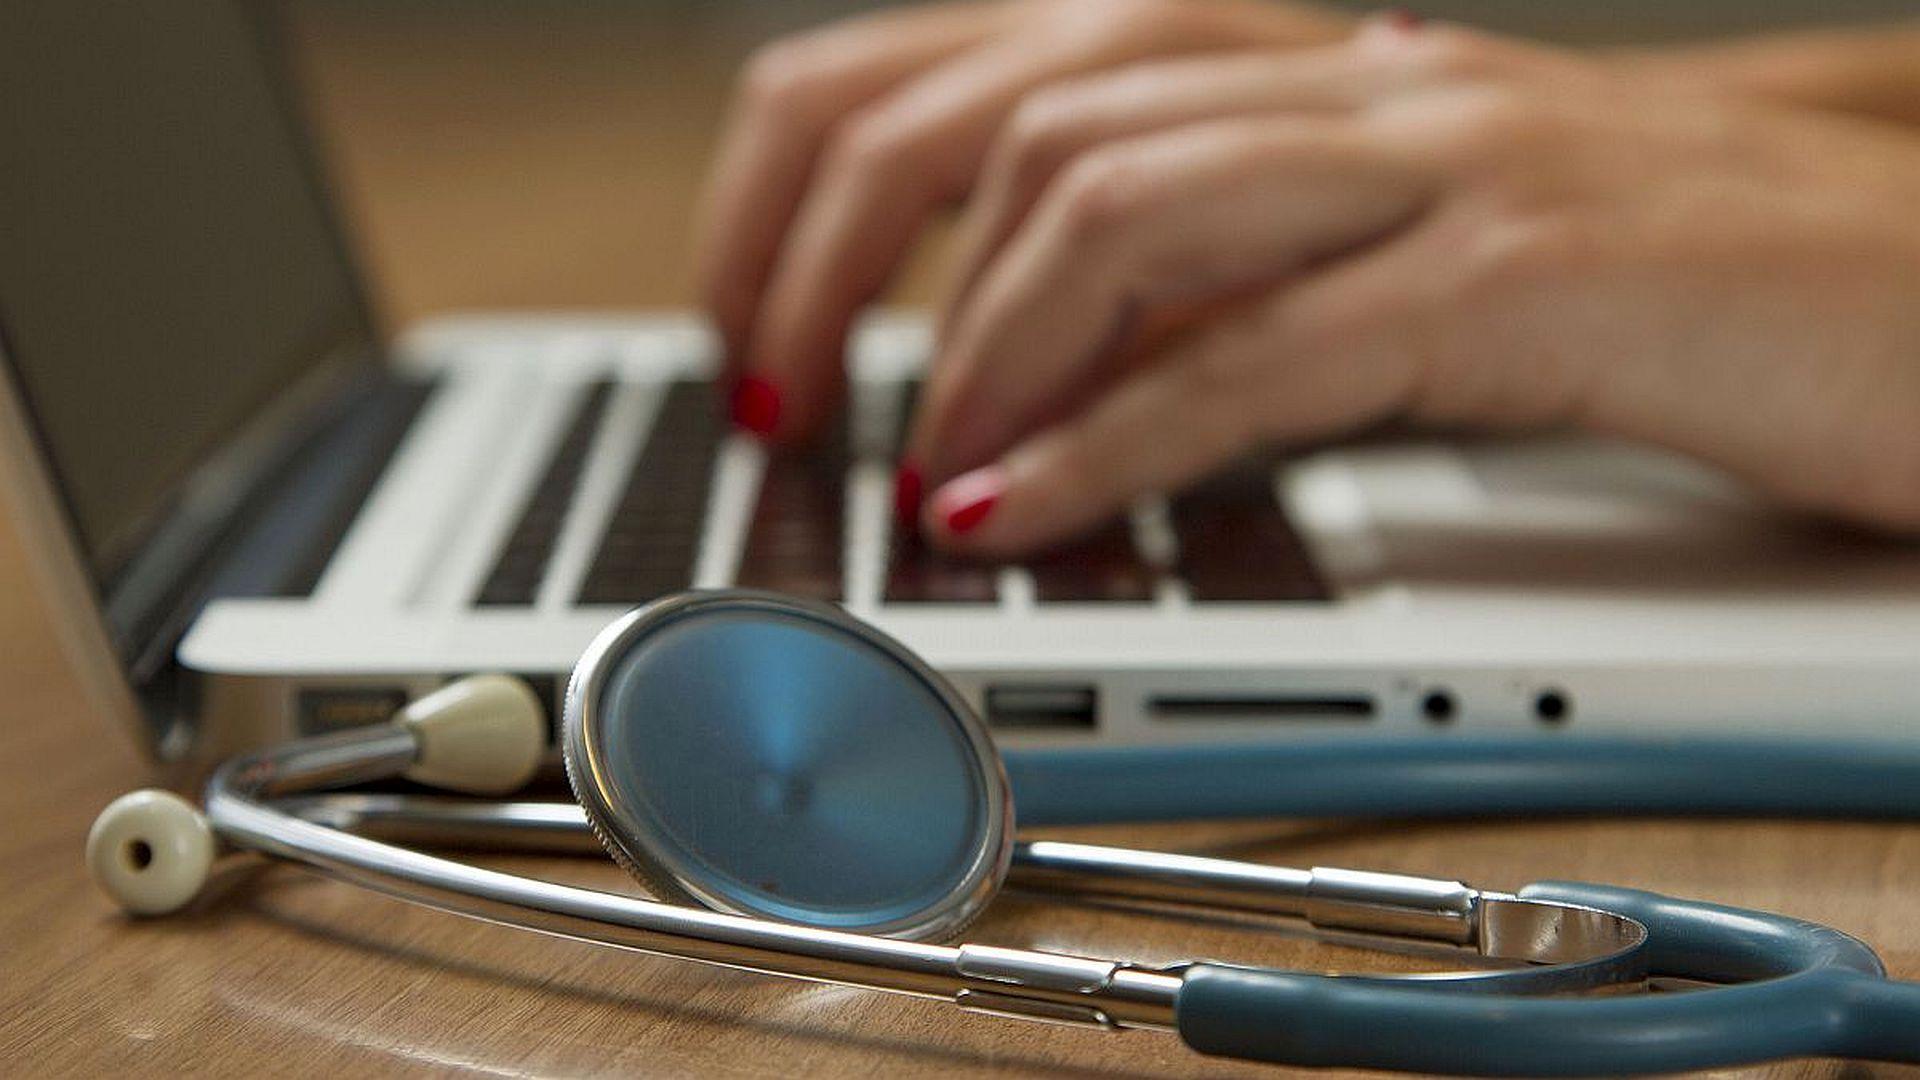 Steeds meer ziekenhuizen geven patiënten inzage in hun digitale medisch dossier via een patiëntenportaal. Kies je als ziekenhuis voor real time-inzage? Of kies je voor een bufferperiode van een paar dagen?